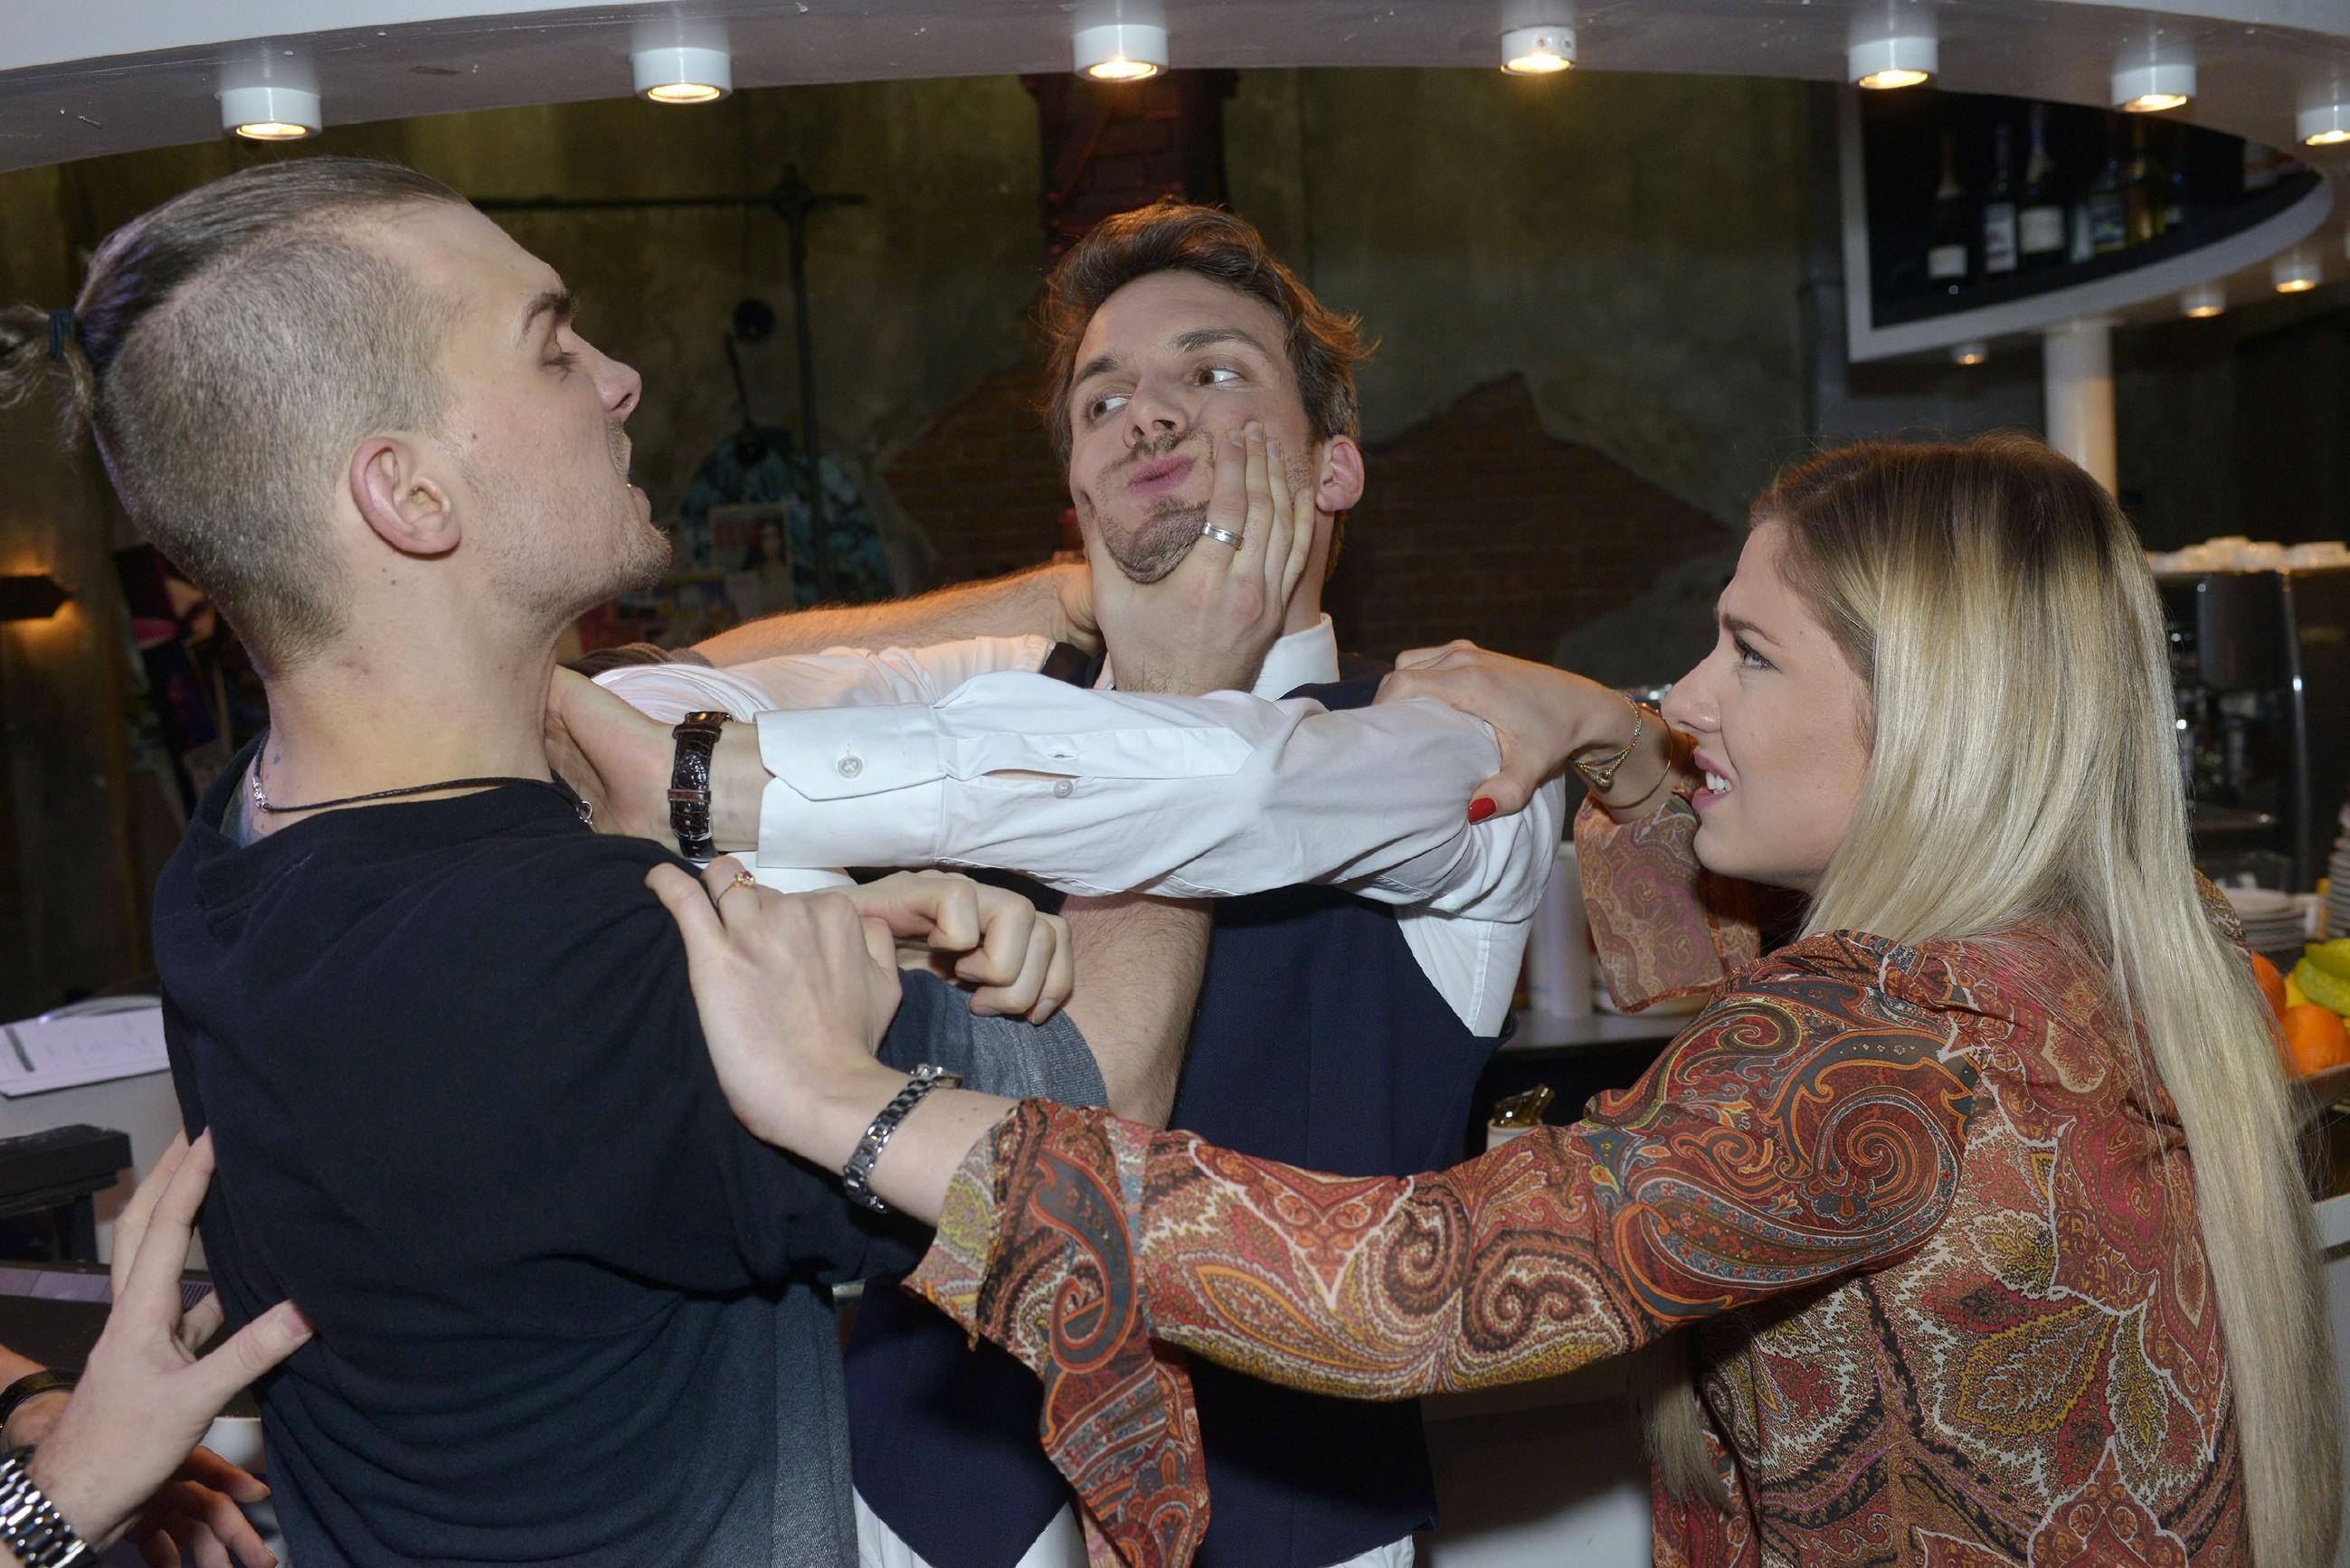 Als Chris (Eric Stehfest, l.) realisiert, dass Felix (Thaddäus Meilinger) seinen Entlastungszeugen gekauft hat, rastet er aus und greift seinen Bruder unter Protest von Sunny (Valentina Pahde) an... (Quelle: RTL / Rolf Baumgartner)